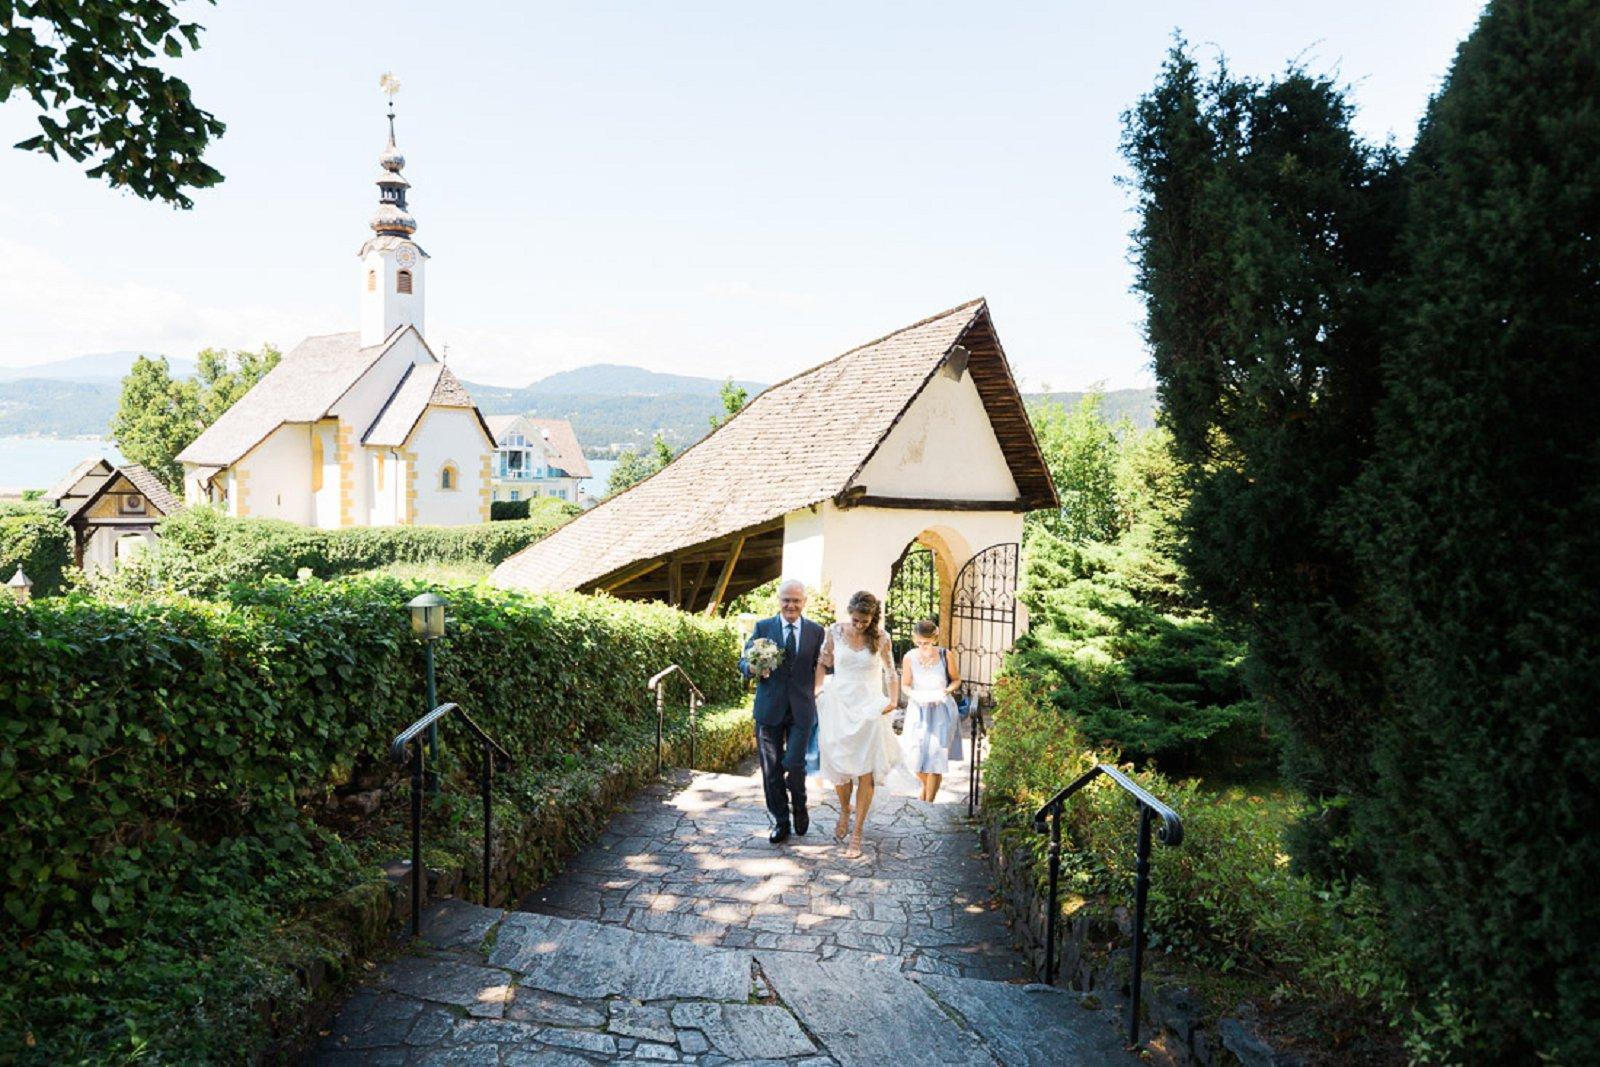 Hochzeitsfotos, Kärnten Wörthersee, Wien, Portraitfotos, Dorelies Hofer, Wien